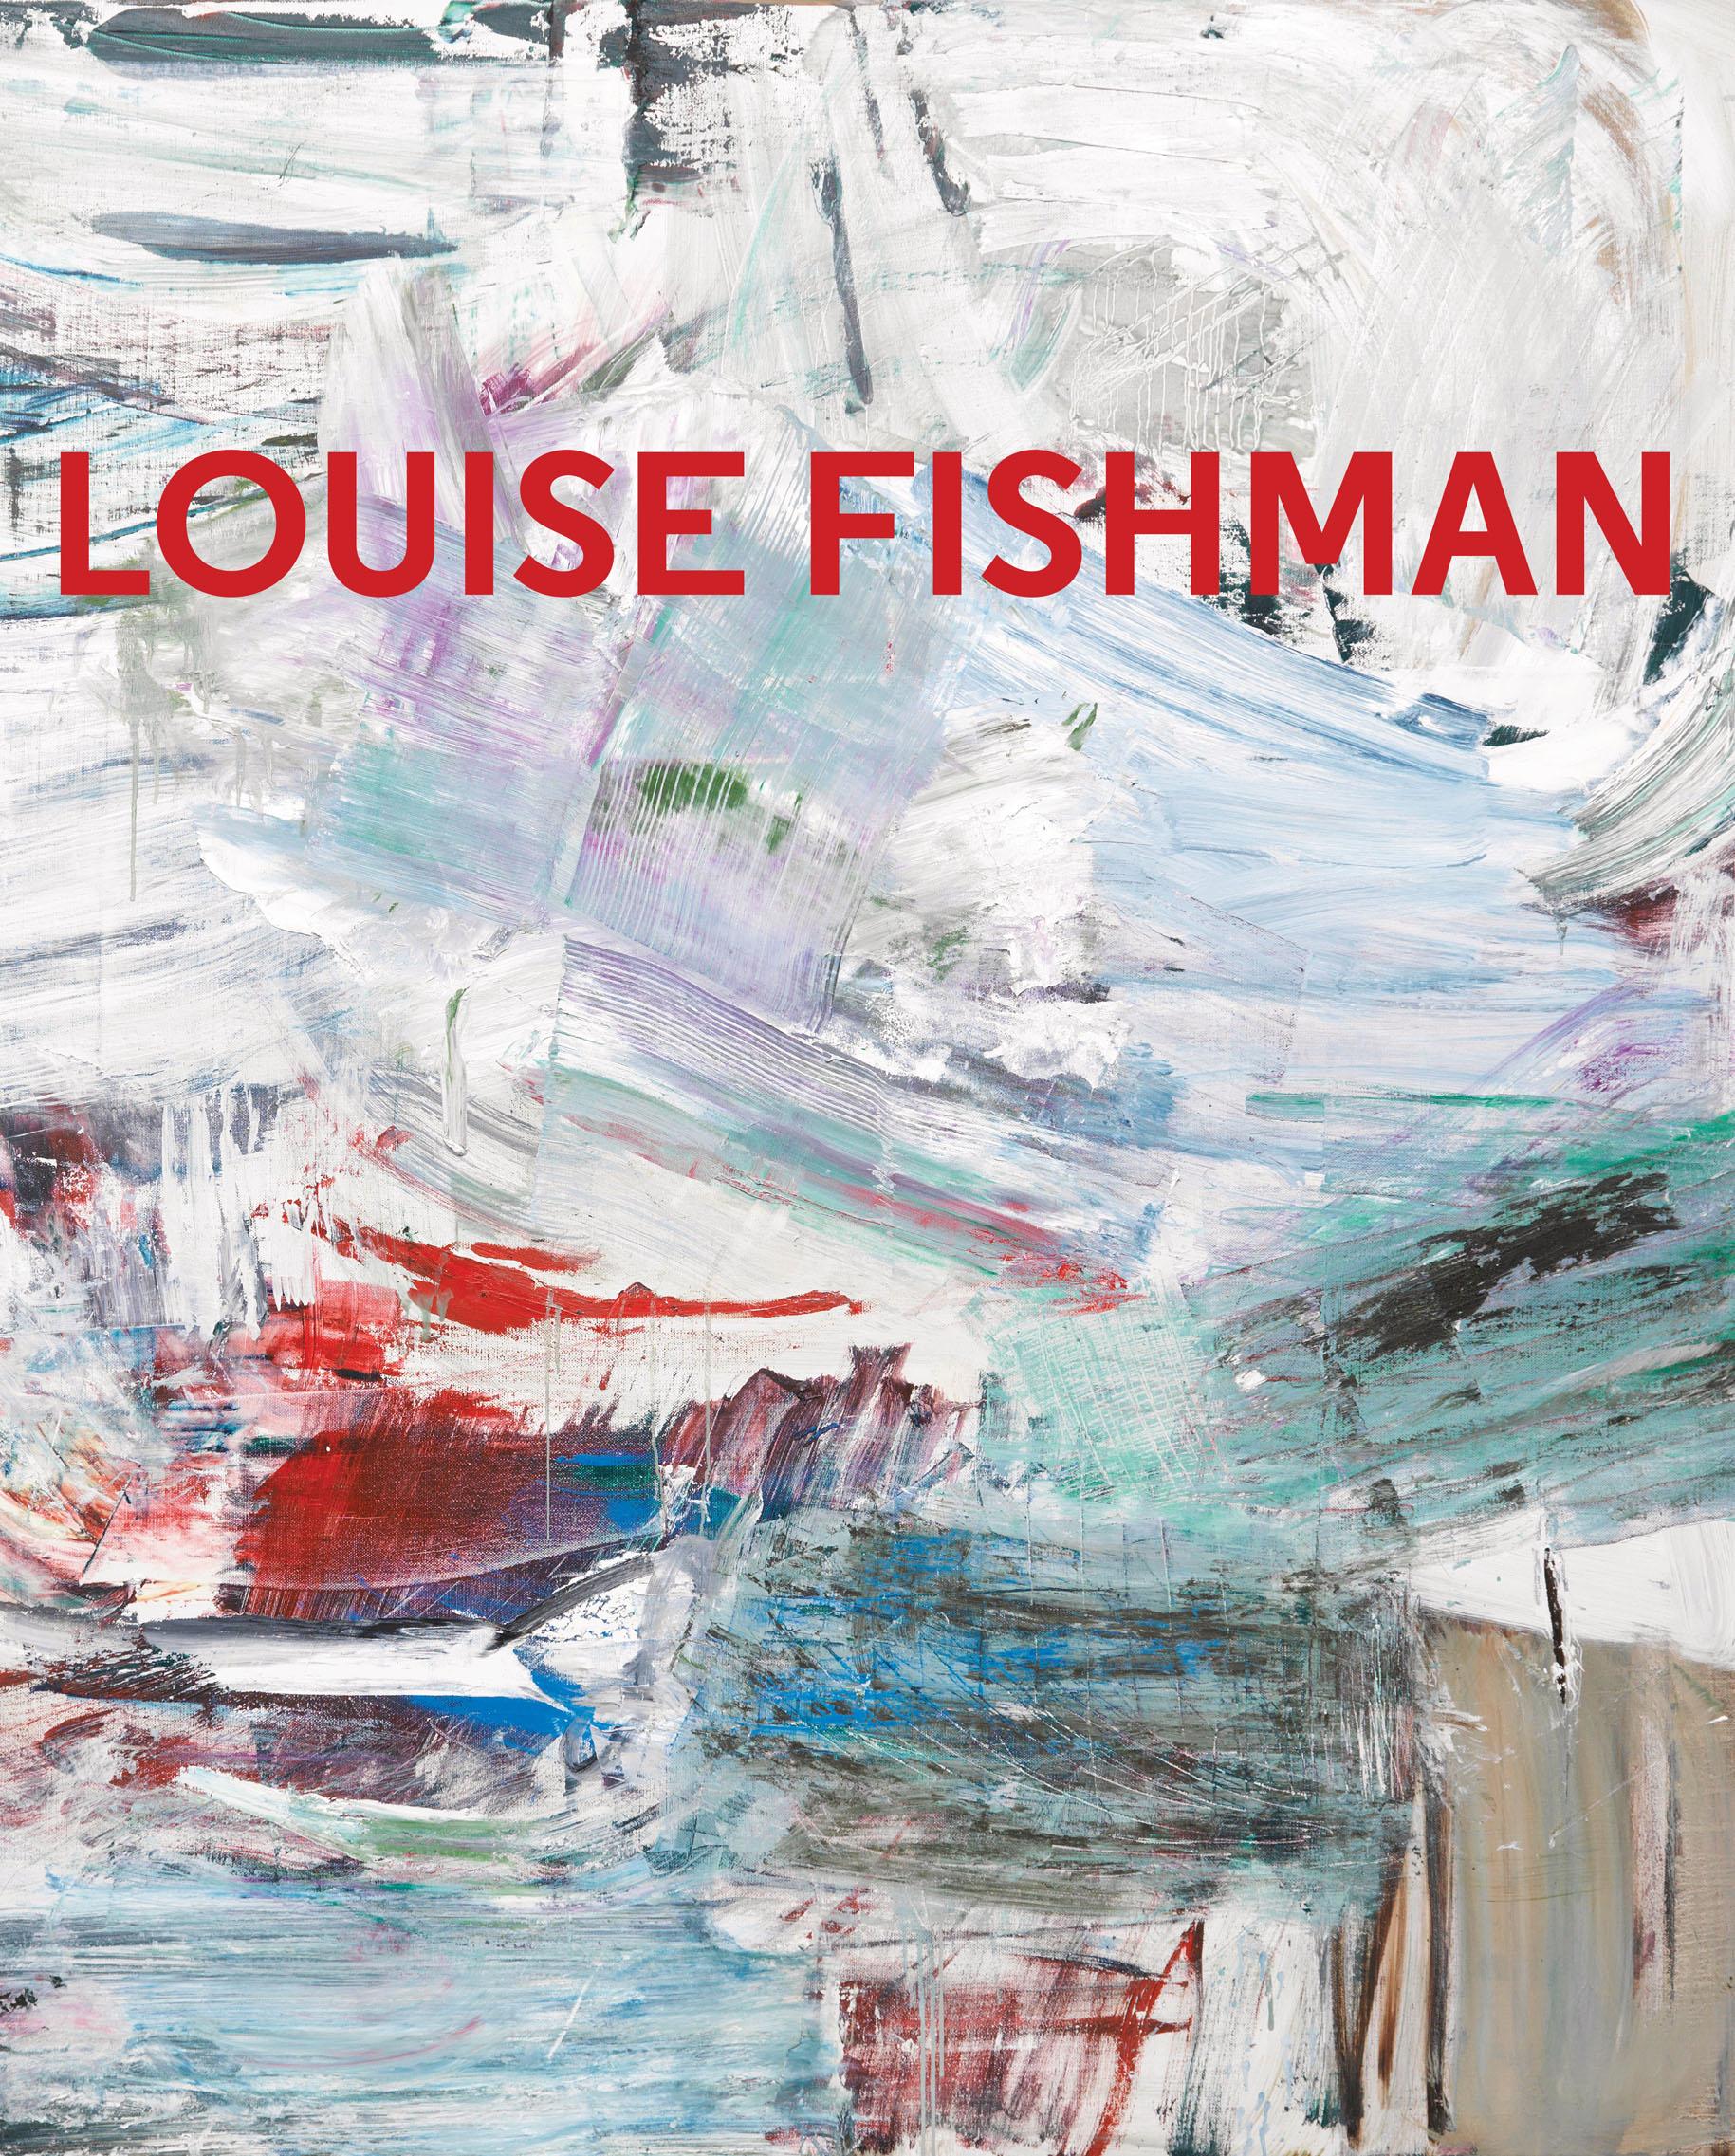 Louise Fishman, DelMonico Books/Prestel, 2016